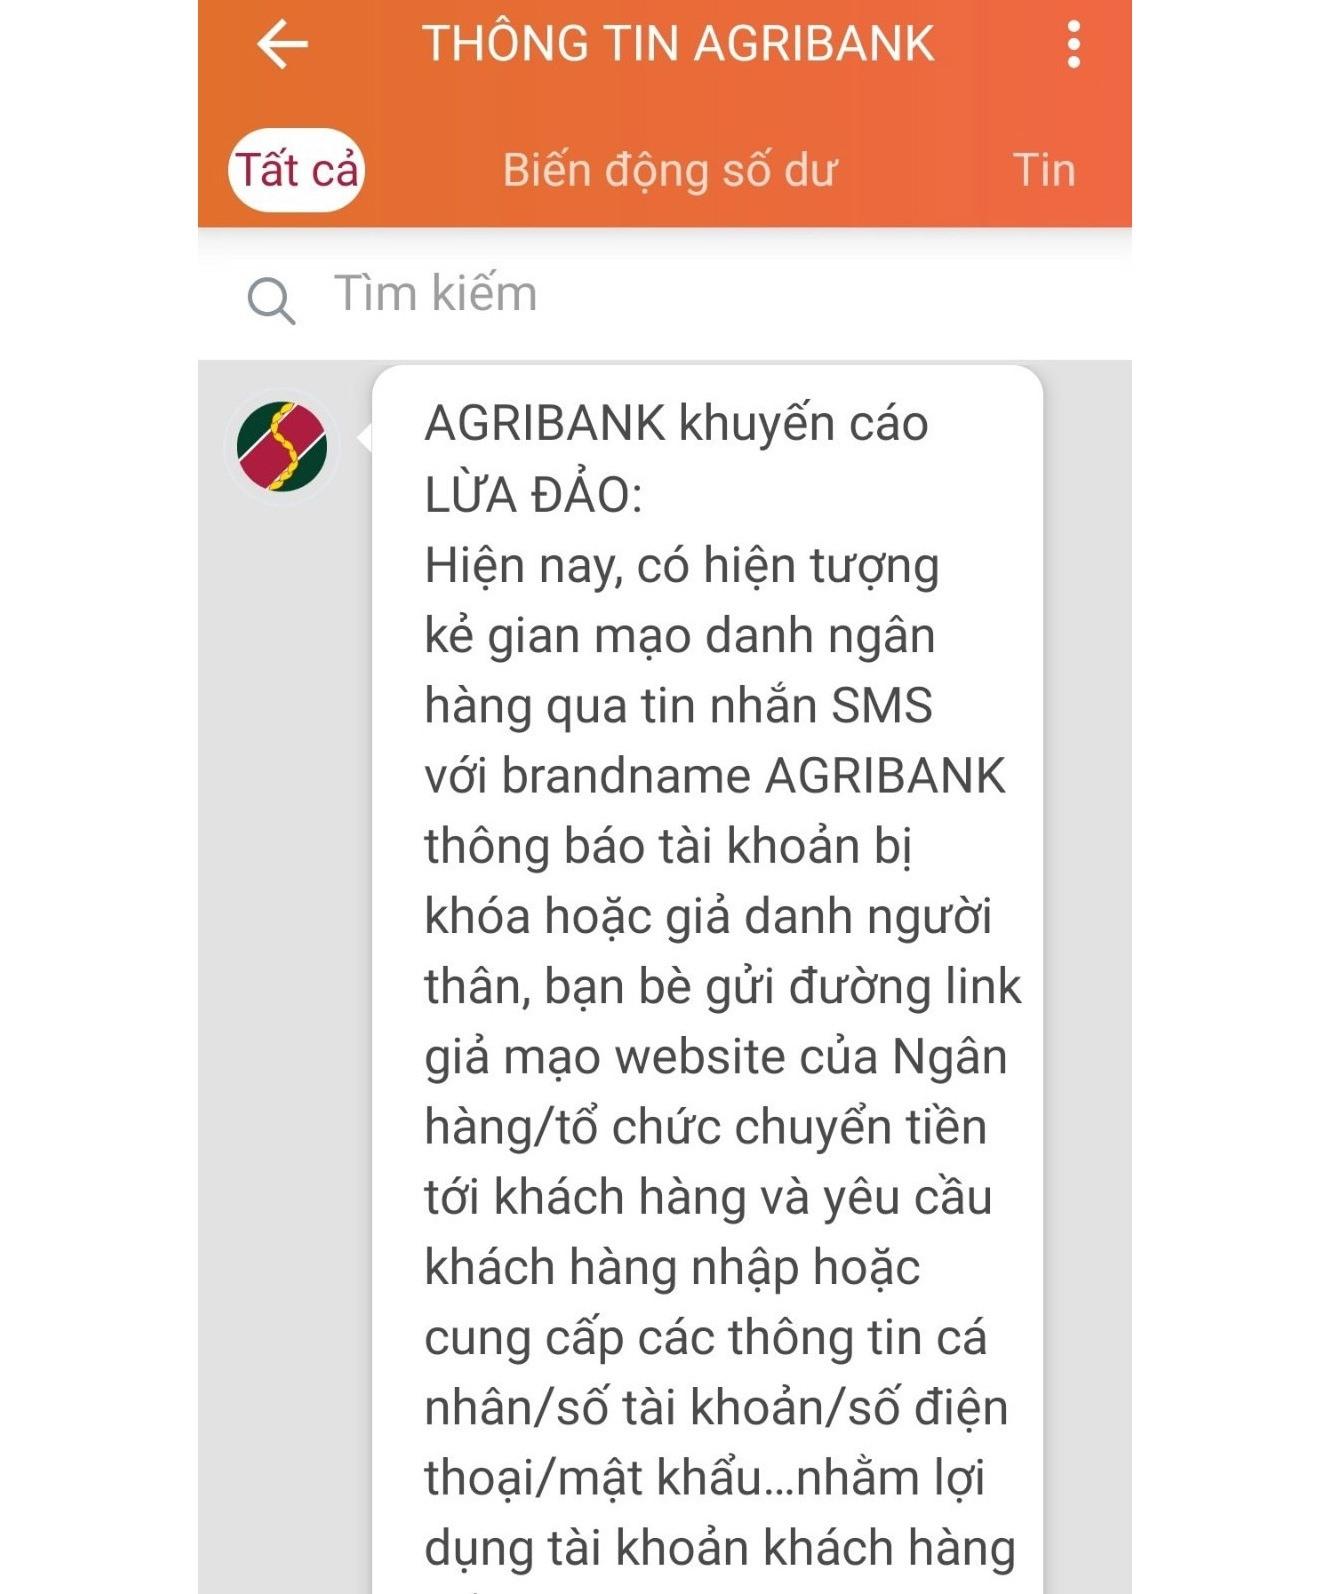 Agribank nhắn tin khuyến cáo lừa đảo đến điện thoại khách hàng. Ảnh chụp màn hình.